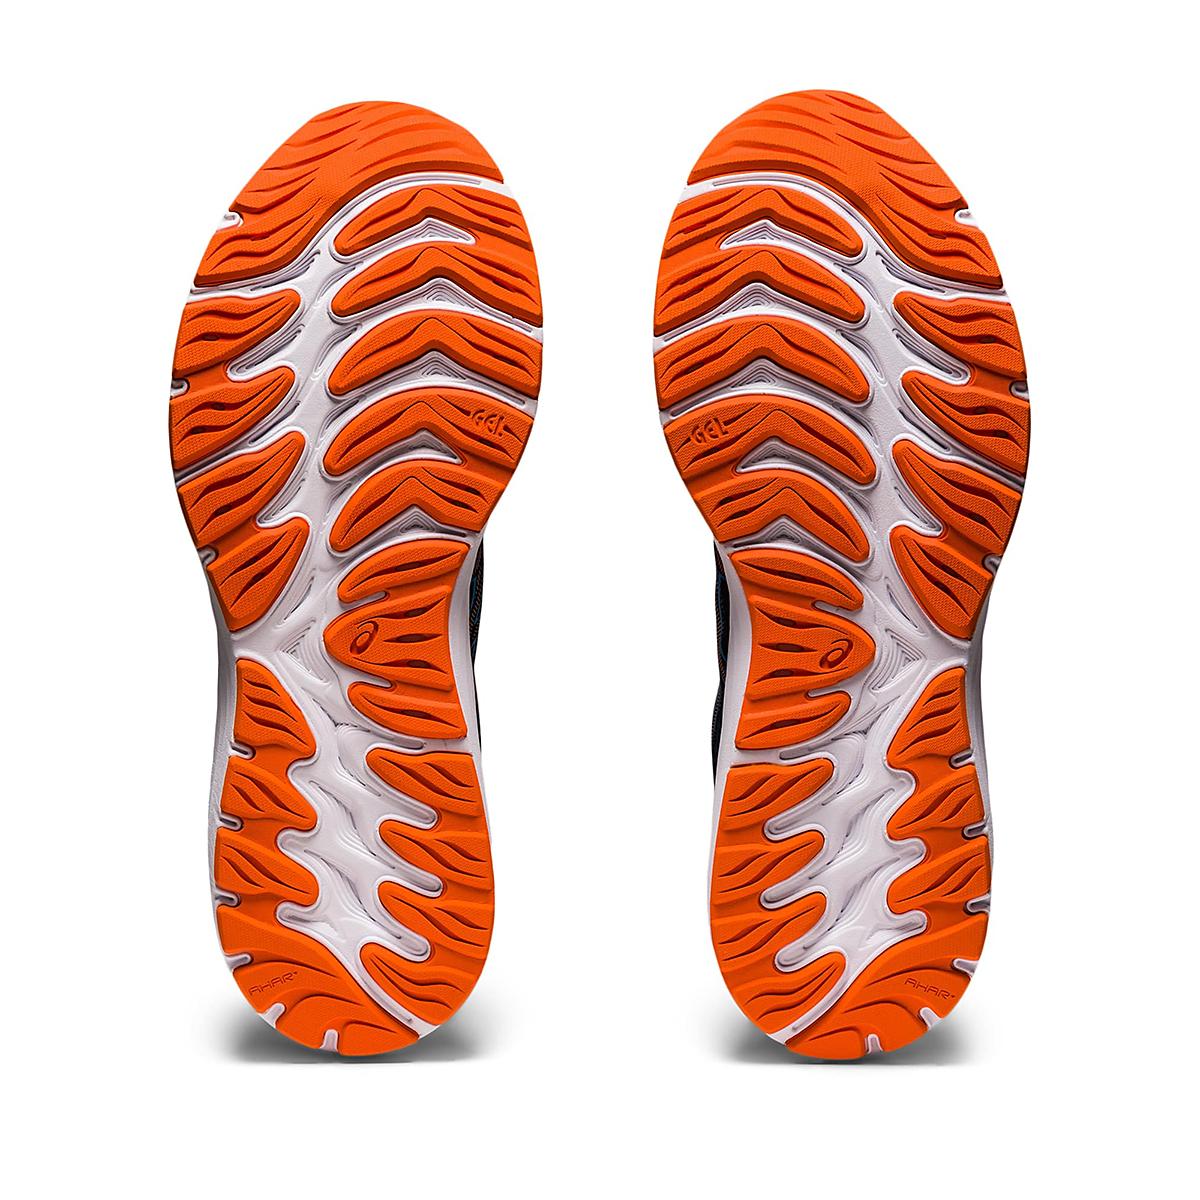 Men's Asics Gel-Cumulus 23 Running Shoe - Color: Black/Reborn Blue - Size: 6.5 - Width: Regular, Black/Reborn Blue, large, image 4